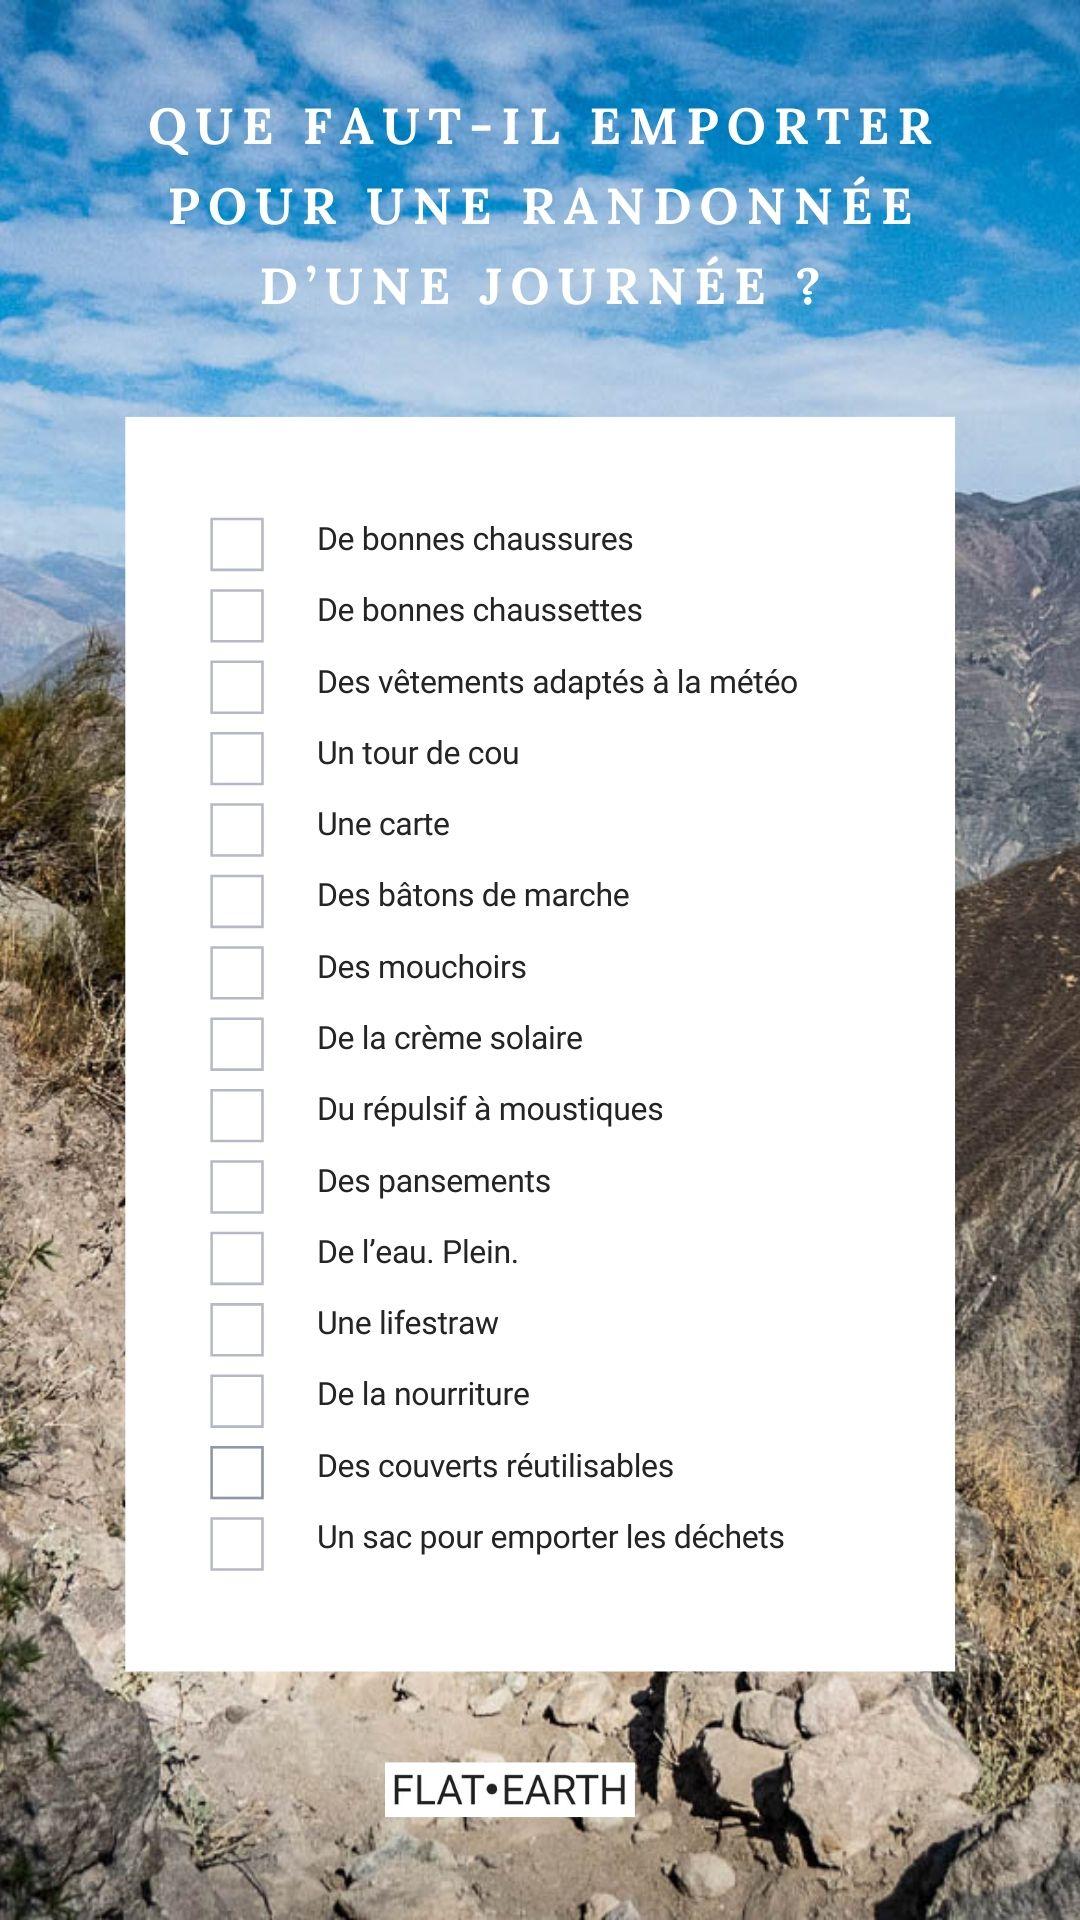 Checklist des choses qu'il faut prendre pour une randonnée d'une journée